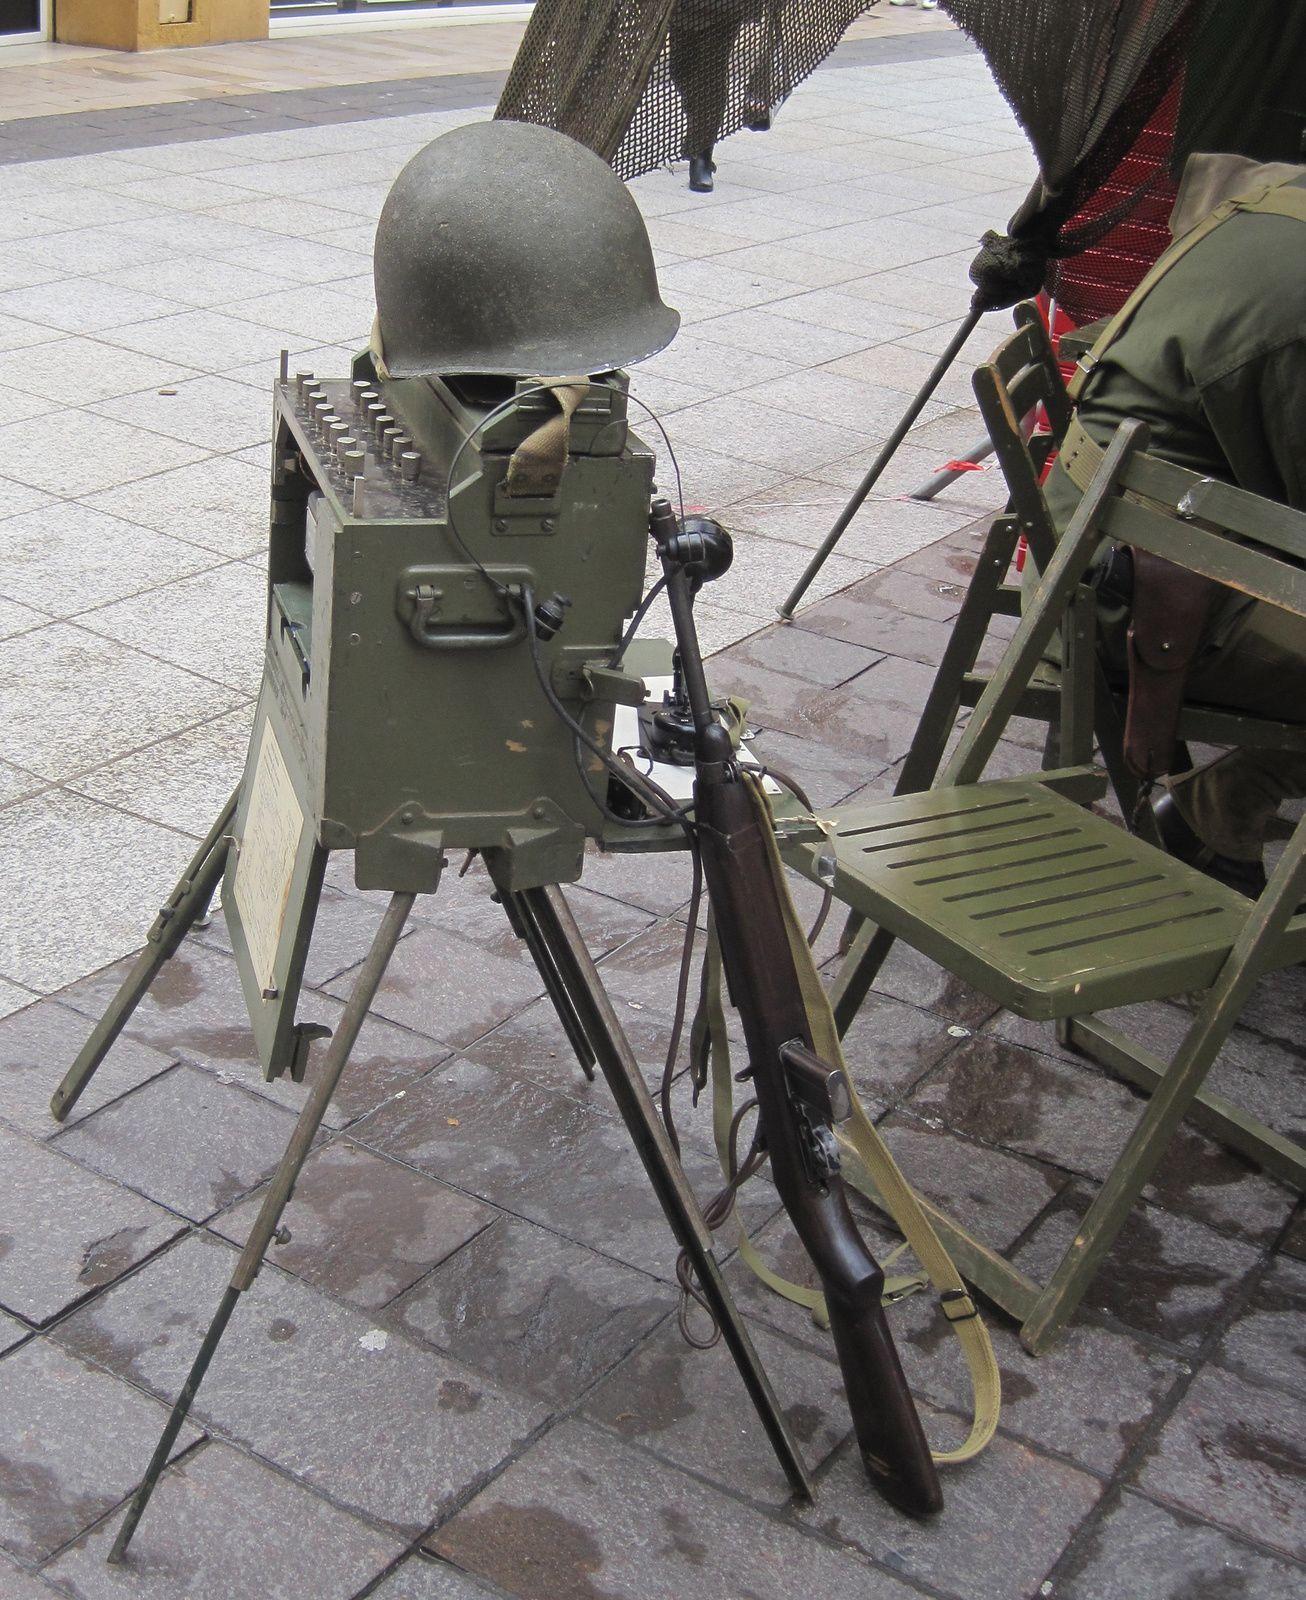 """Posé contre le poste de radio un fusil """"US M1"""" arme emblématique des GI'S"""